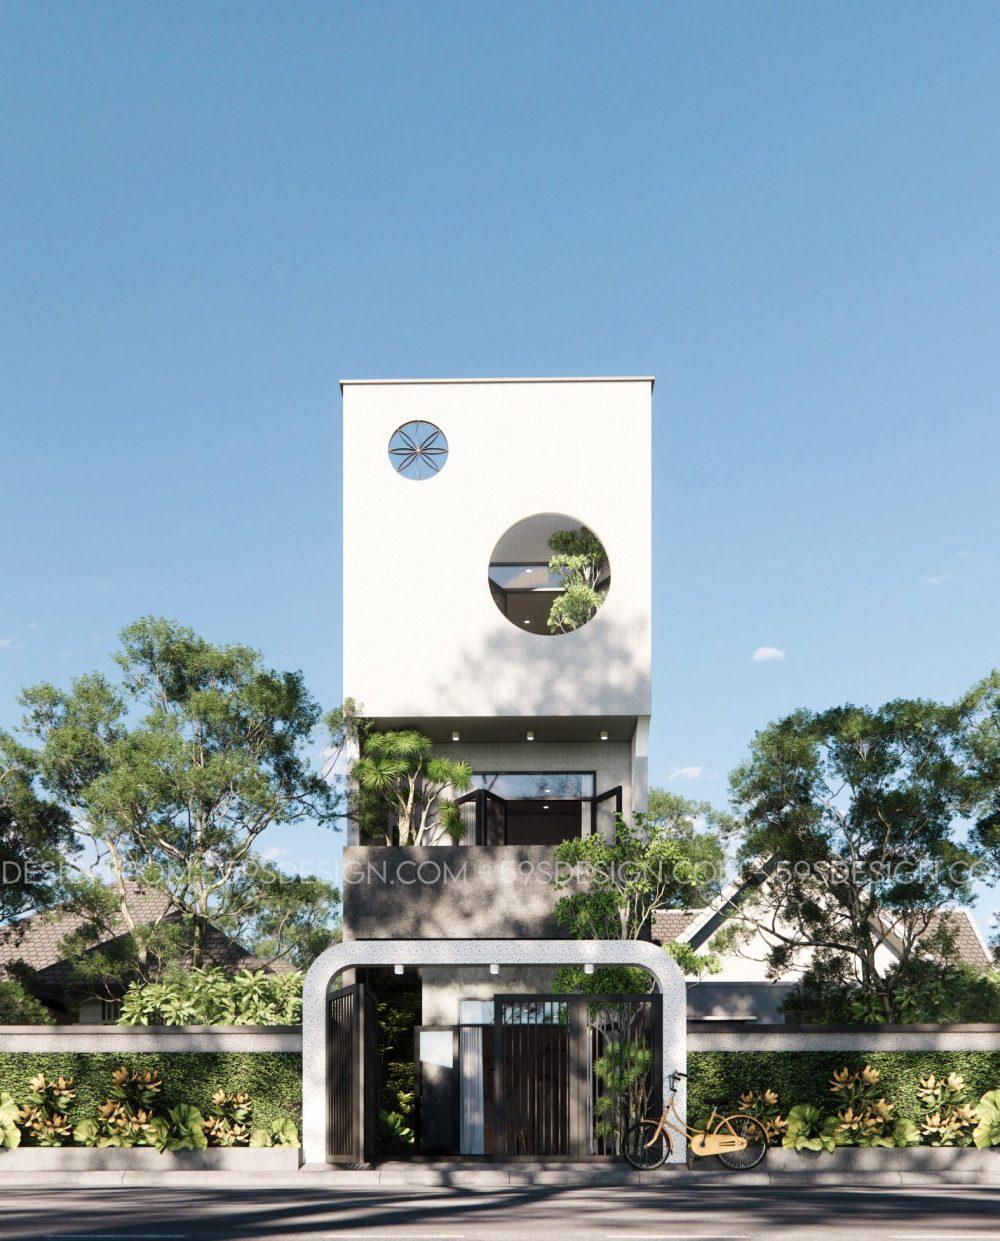 Cửa sổ hình tròn chính là điểm nhấn cho thiết kế mặt tiền nhà ở